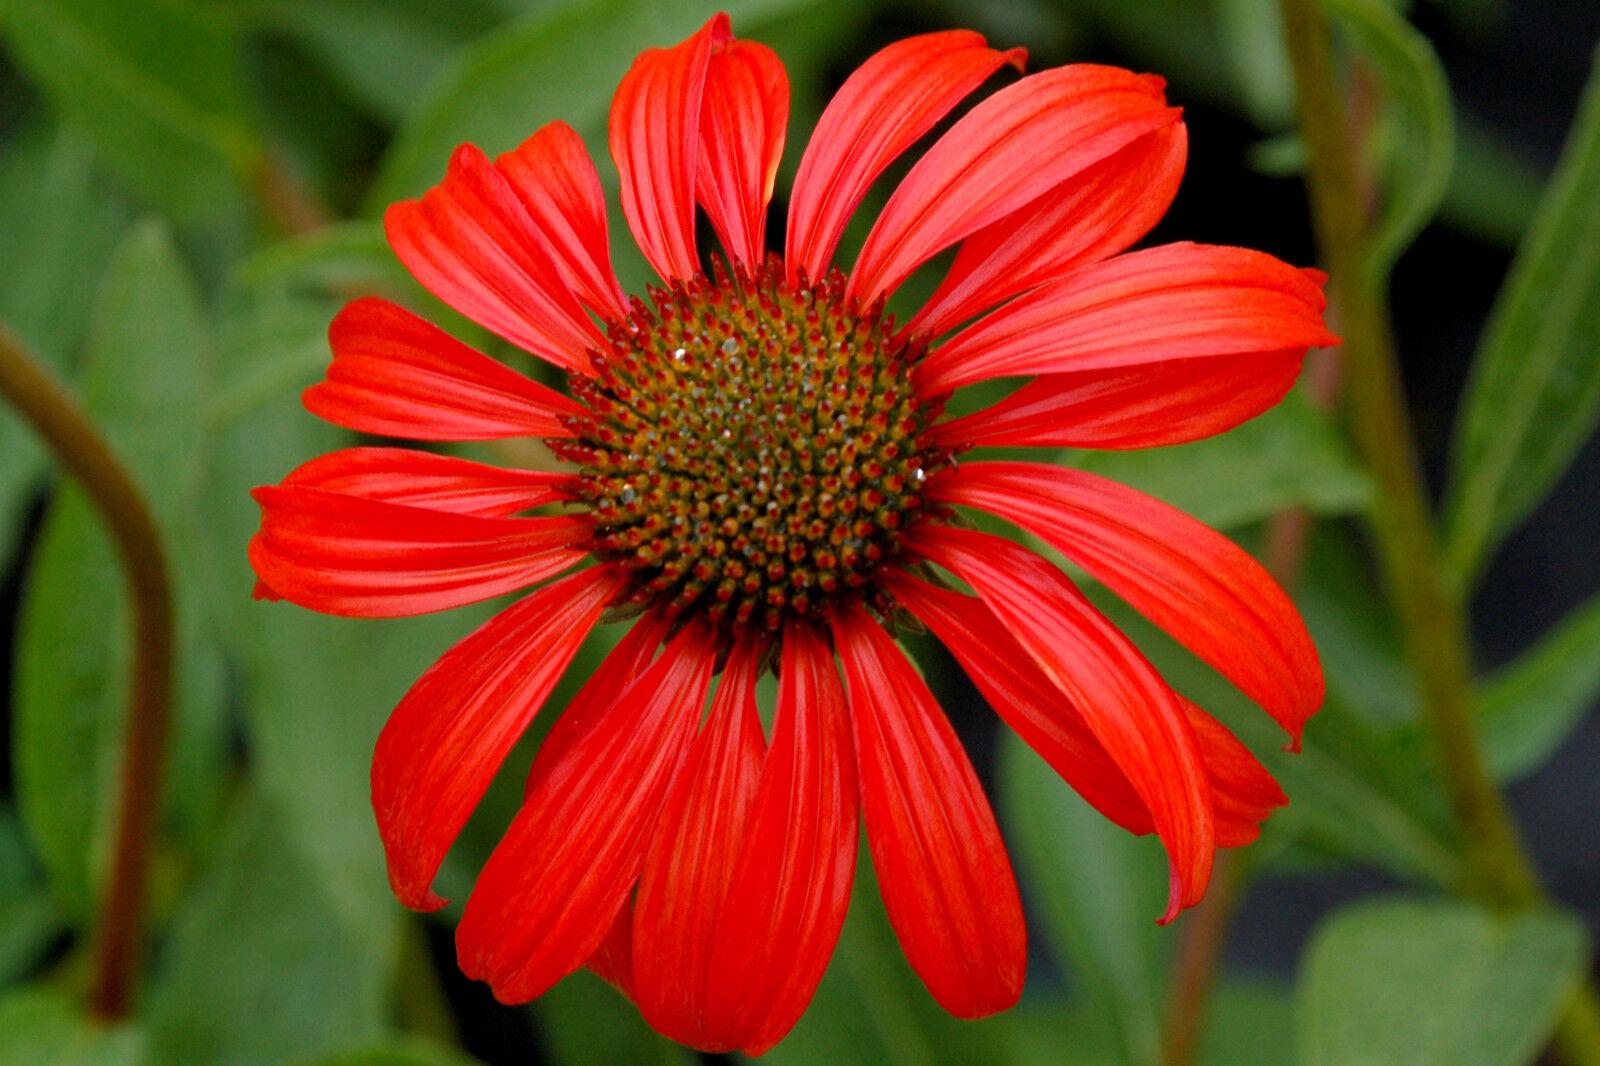 Prachtstaude, Sonnenhut, rot, winterhart, 50 samen, bekannte Heilpflanze